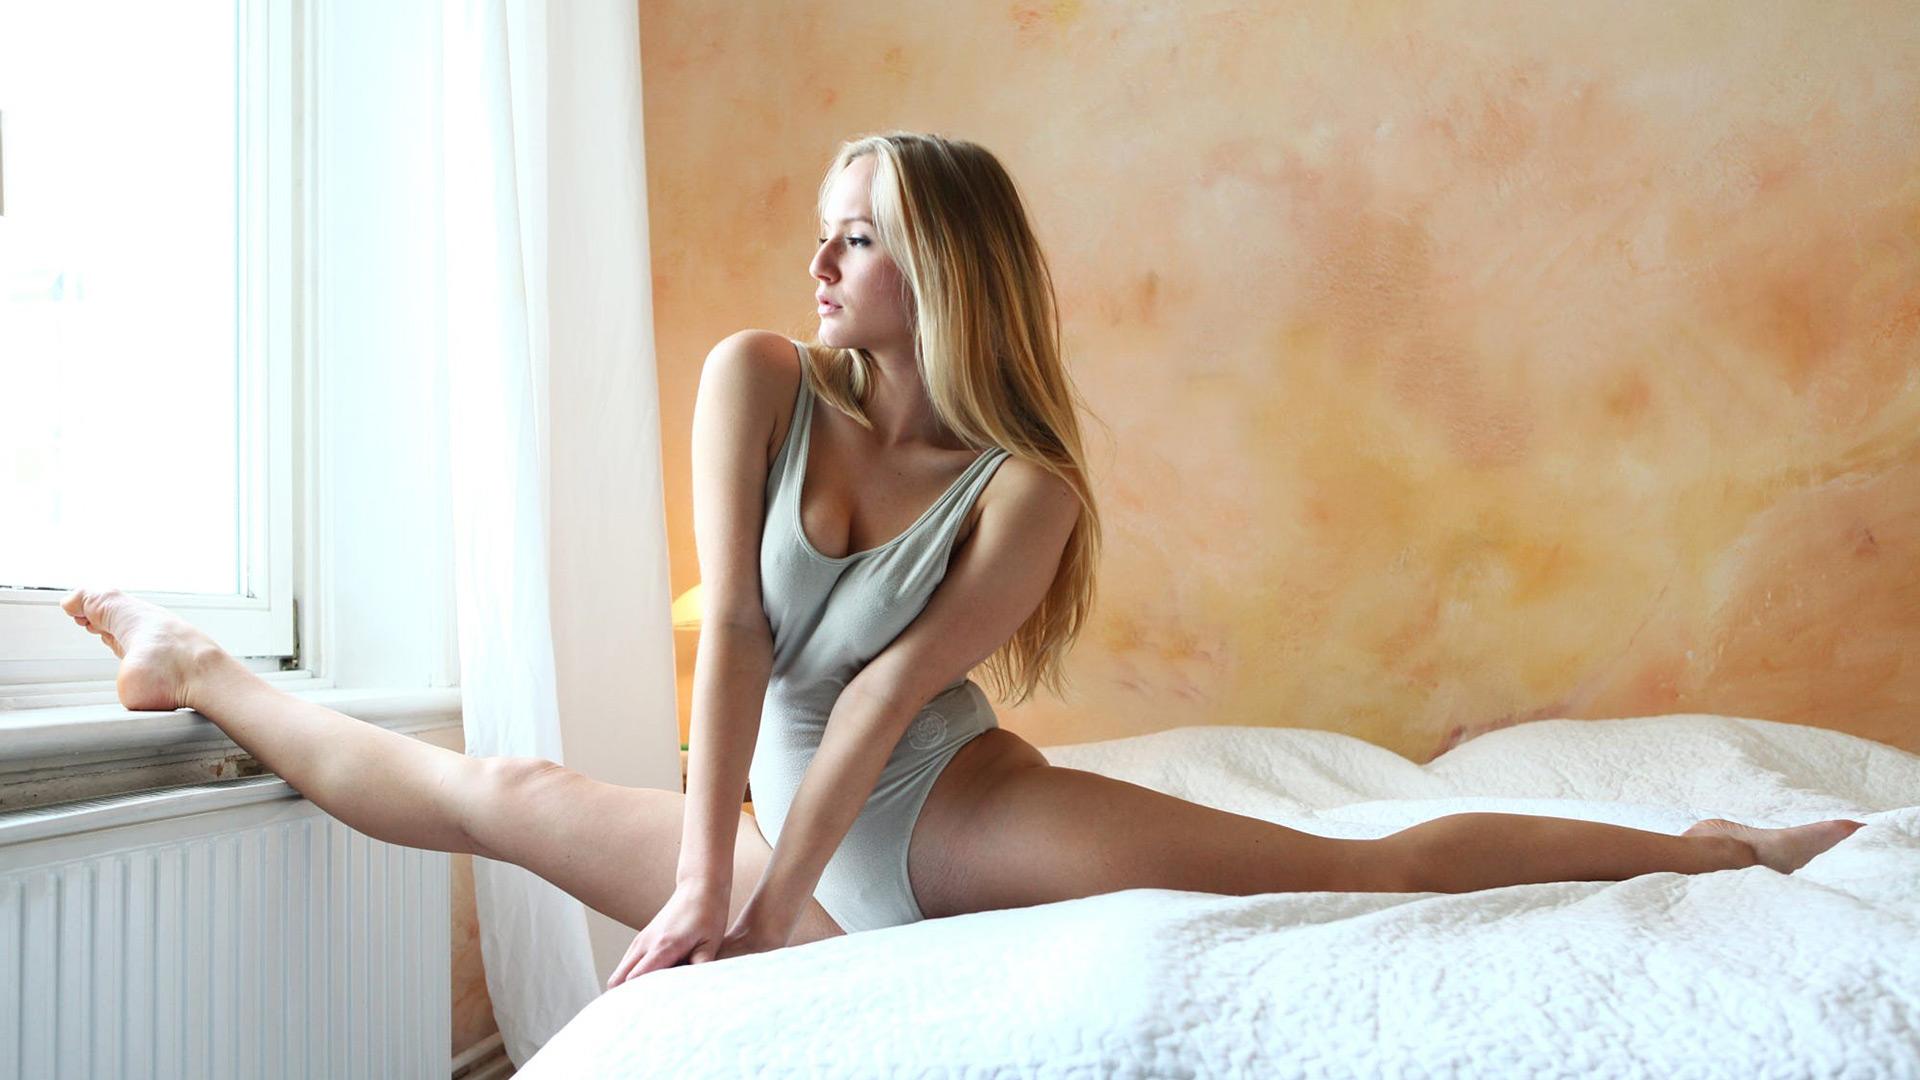 Фотосессия голой гимнастки на кровати фото, секс с демонами и роды смотреть онлайн